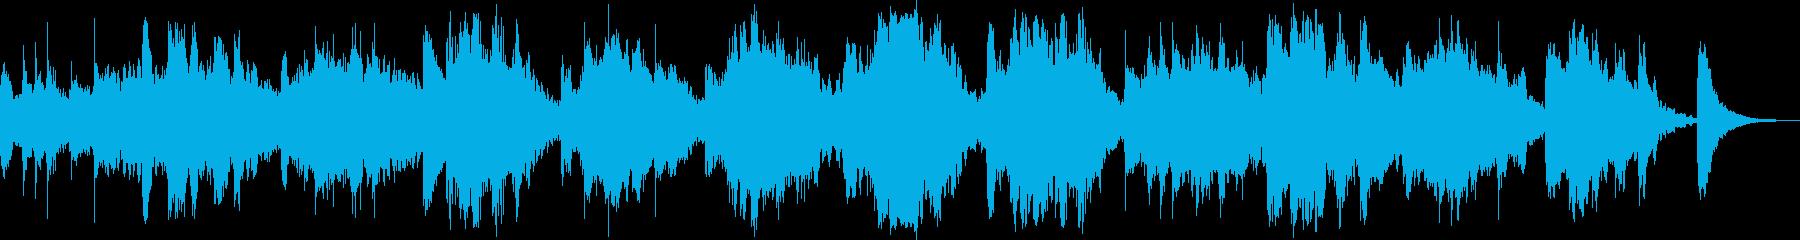 動画 サスペンス 実験的 希望的 ...の再生済みの波形